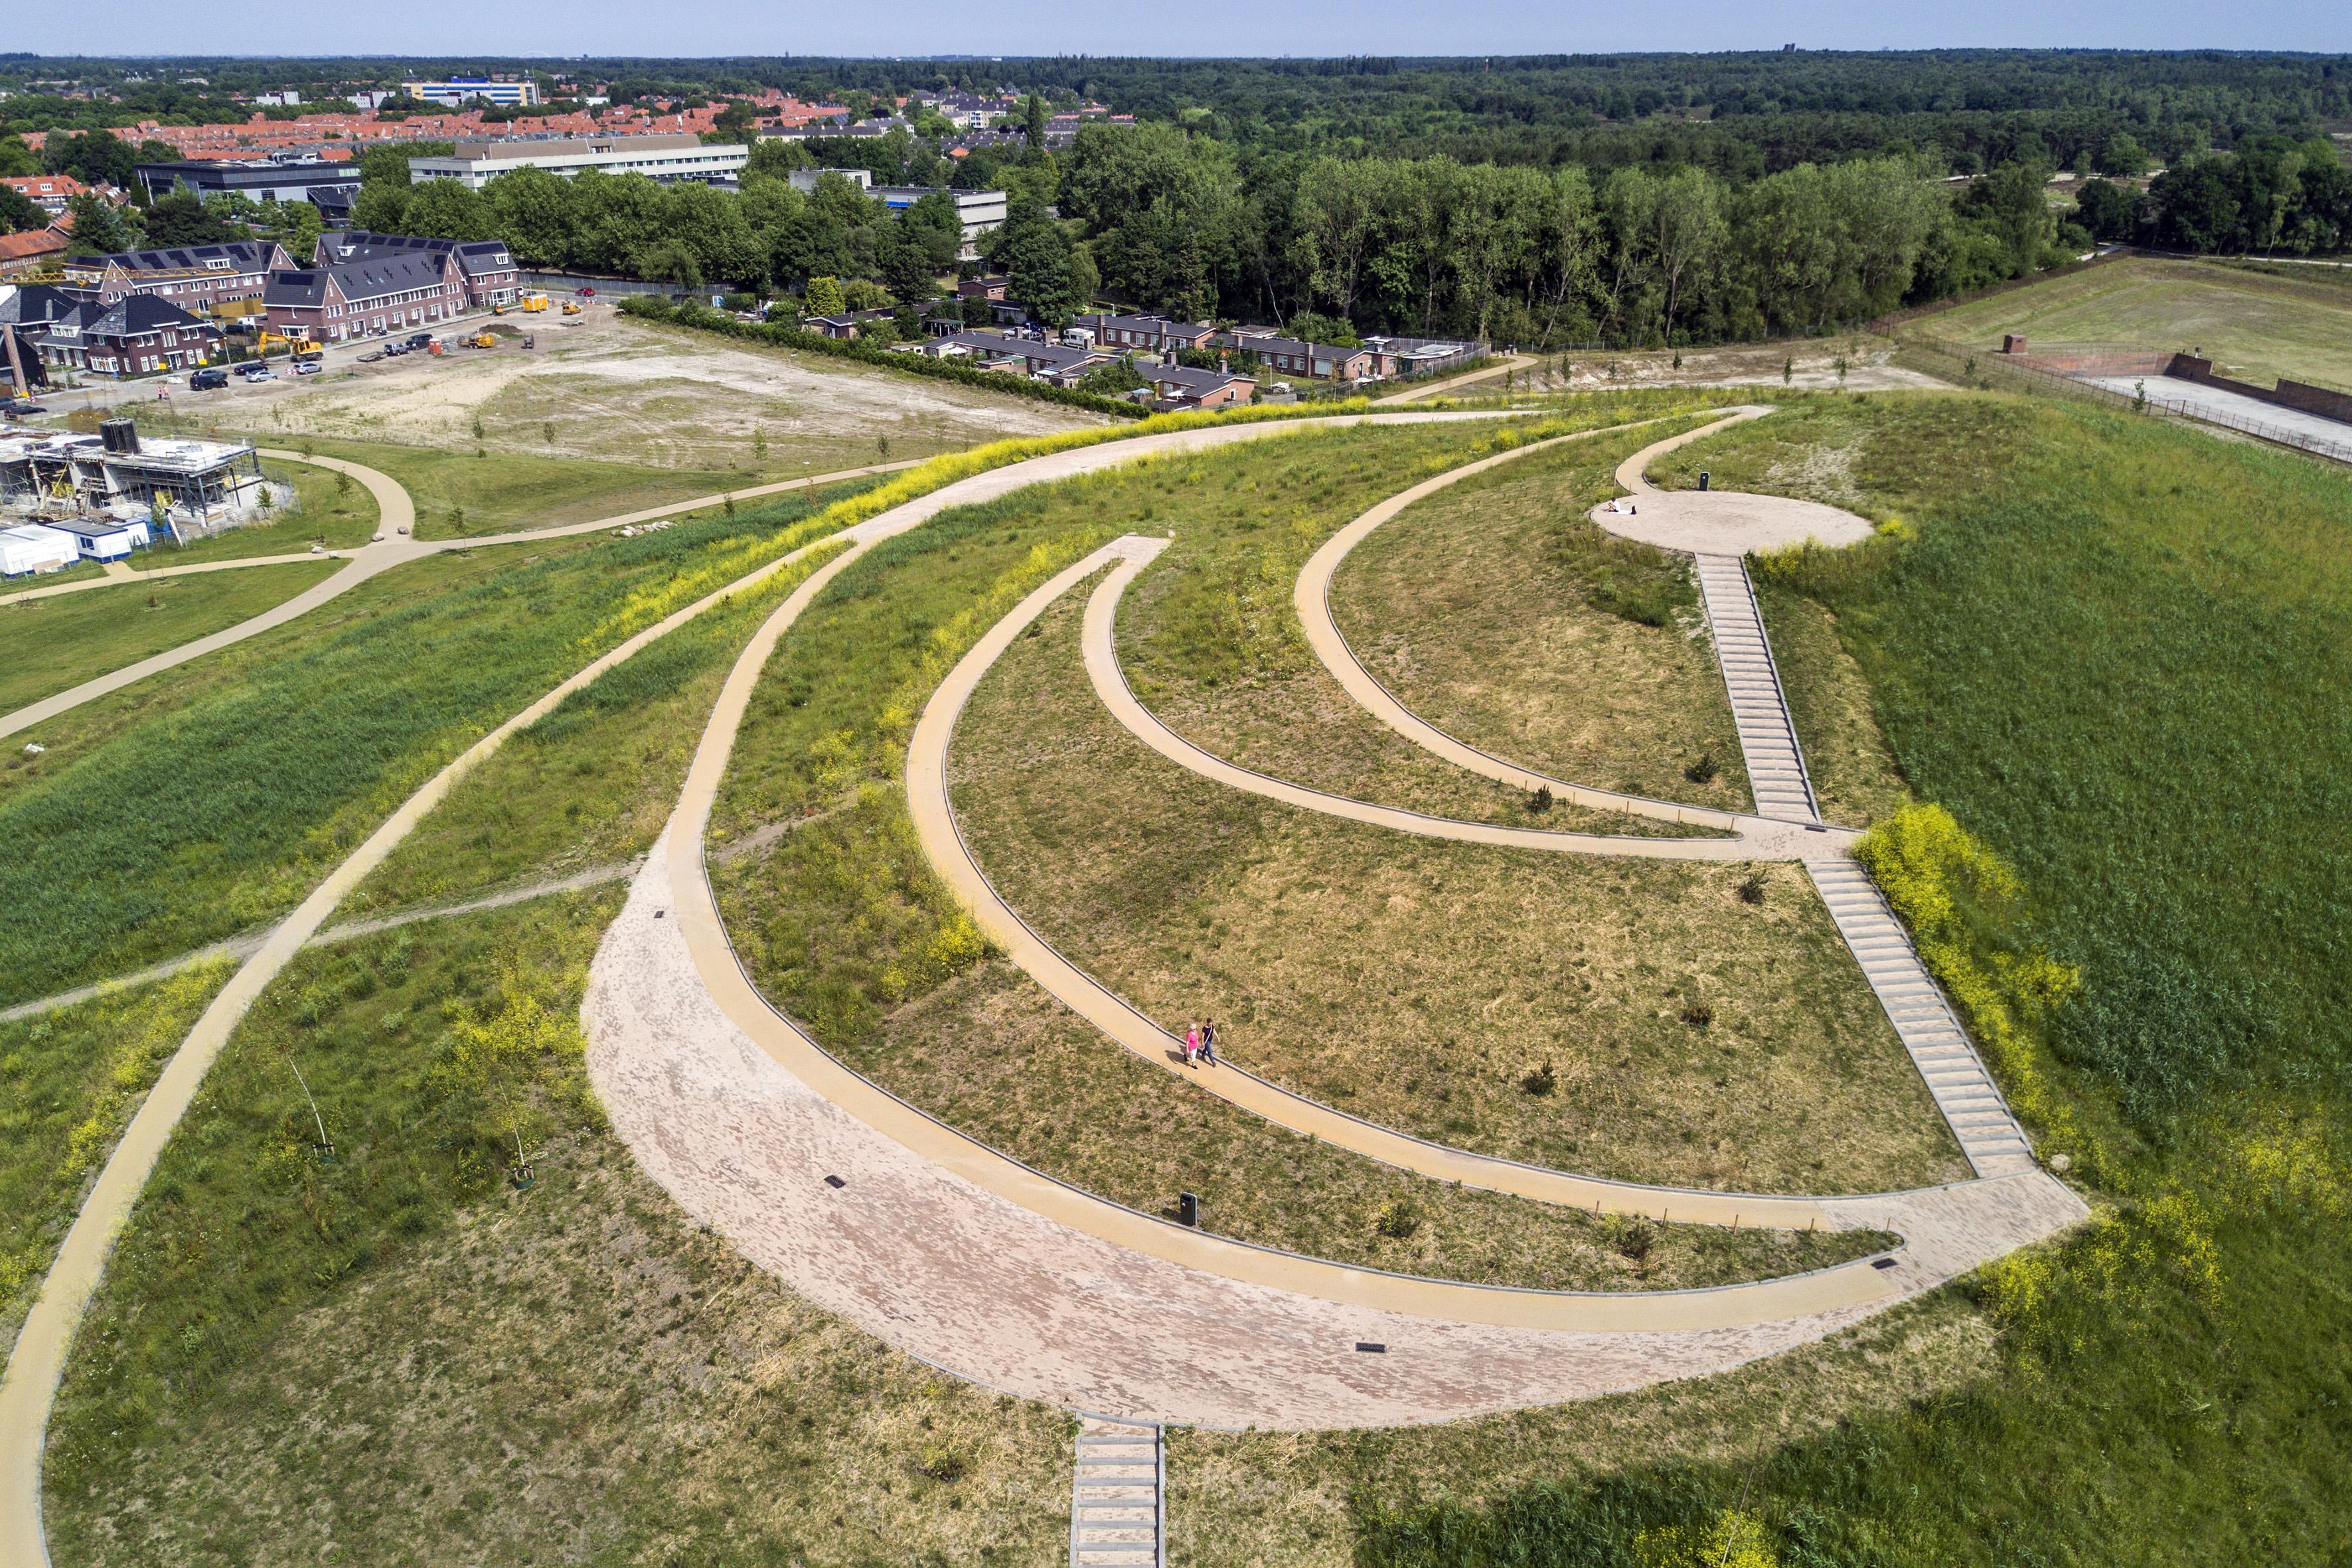 Dudok Wonen bouwt 65 duurzame sociale huurappartementen in Anna's Hoeve. Complex vernoemd naar Gerard Vrolik, de man van Anna